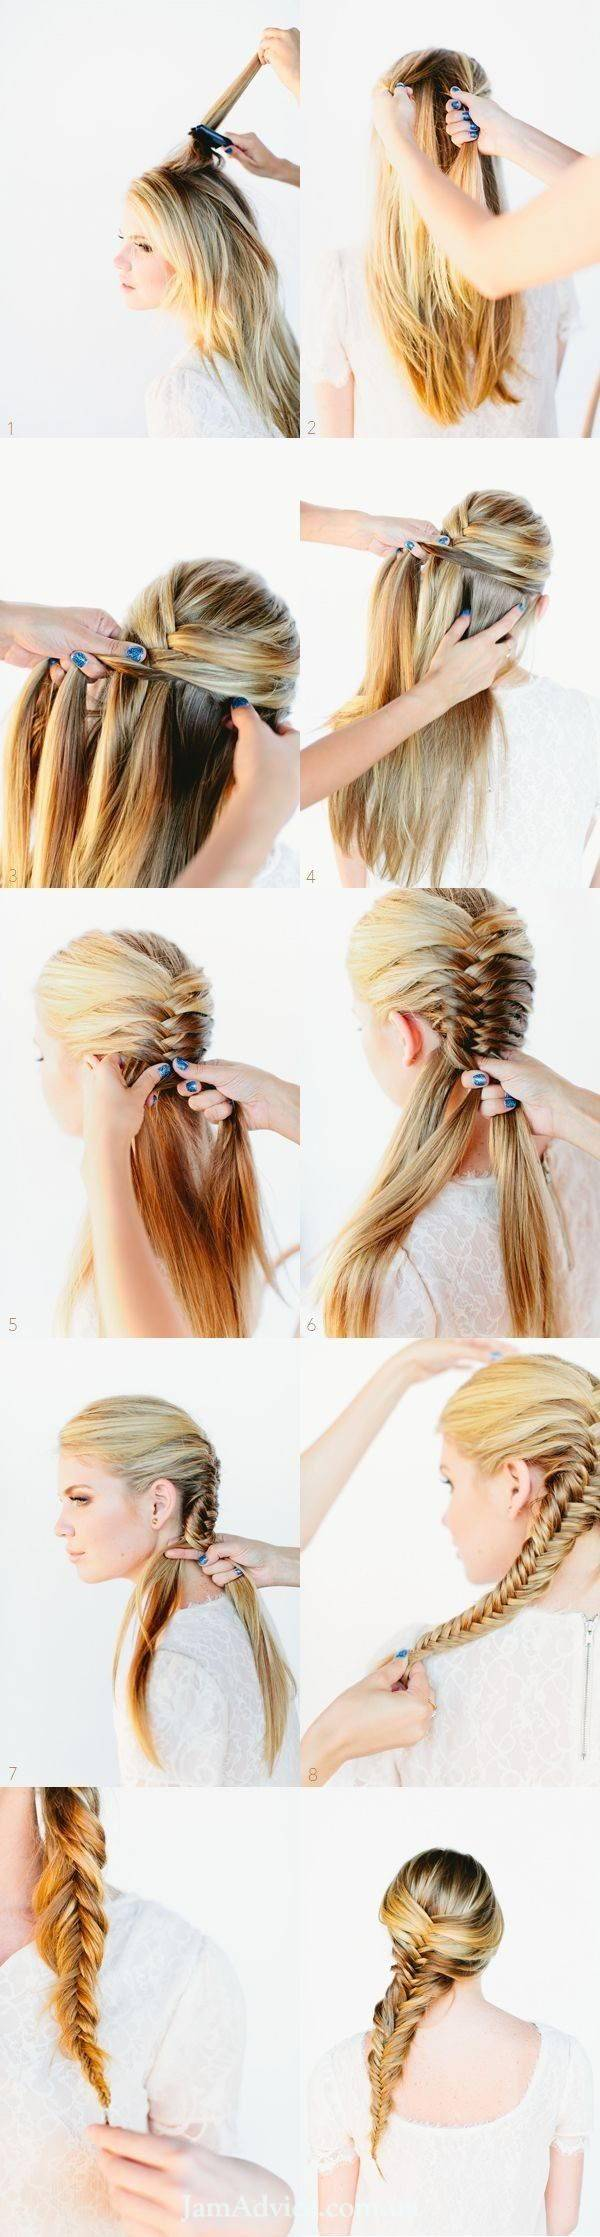 Прически на длинные волосы: Коса рыбий хвост